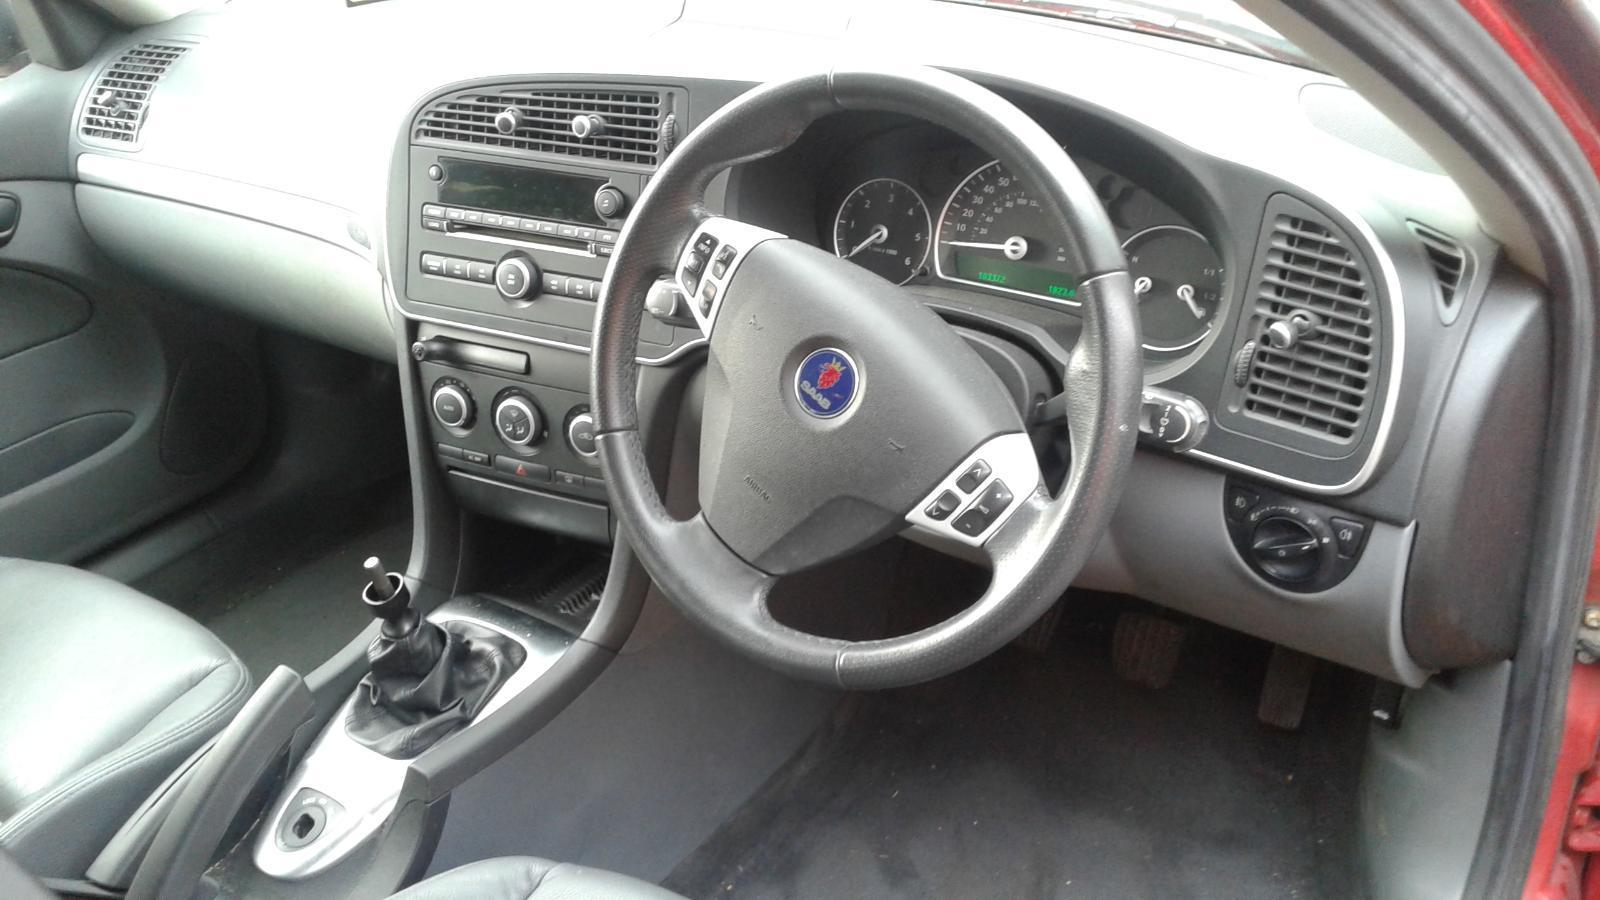 2007 SAAB 9-3 Image